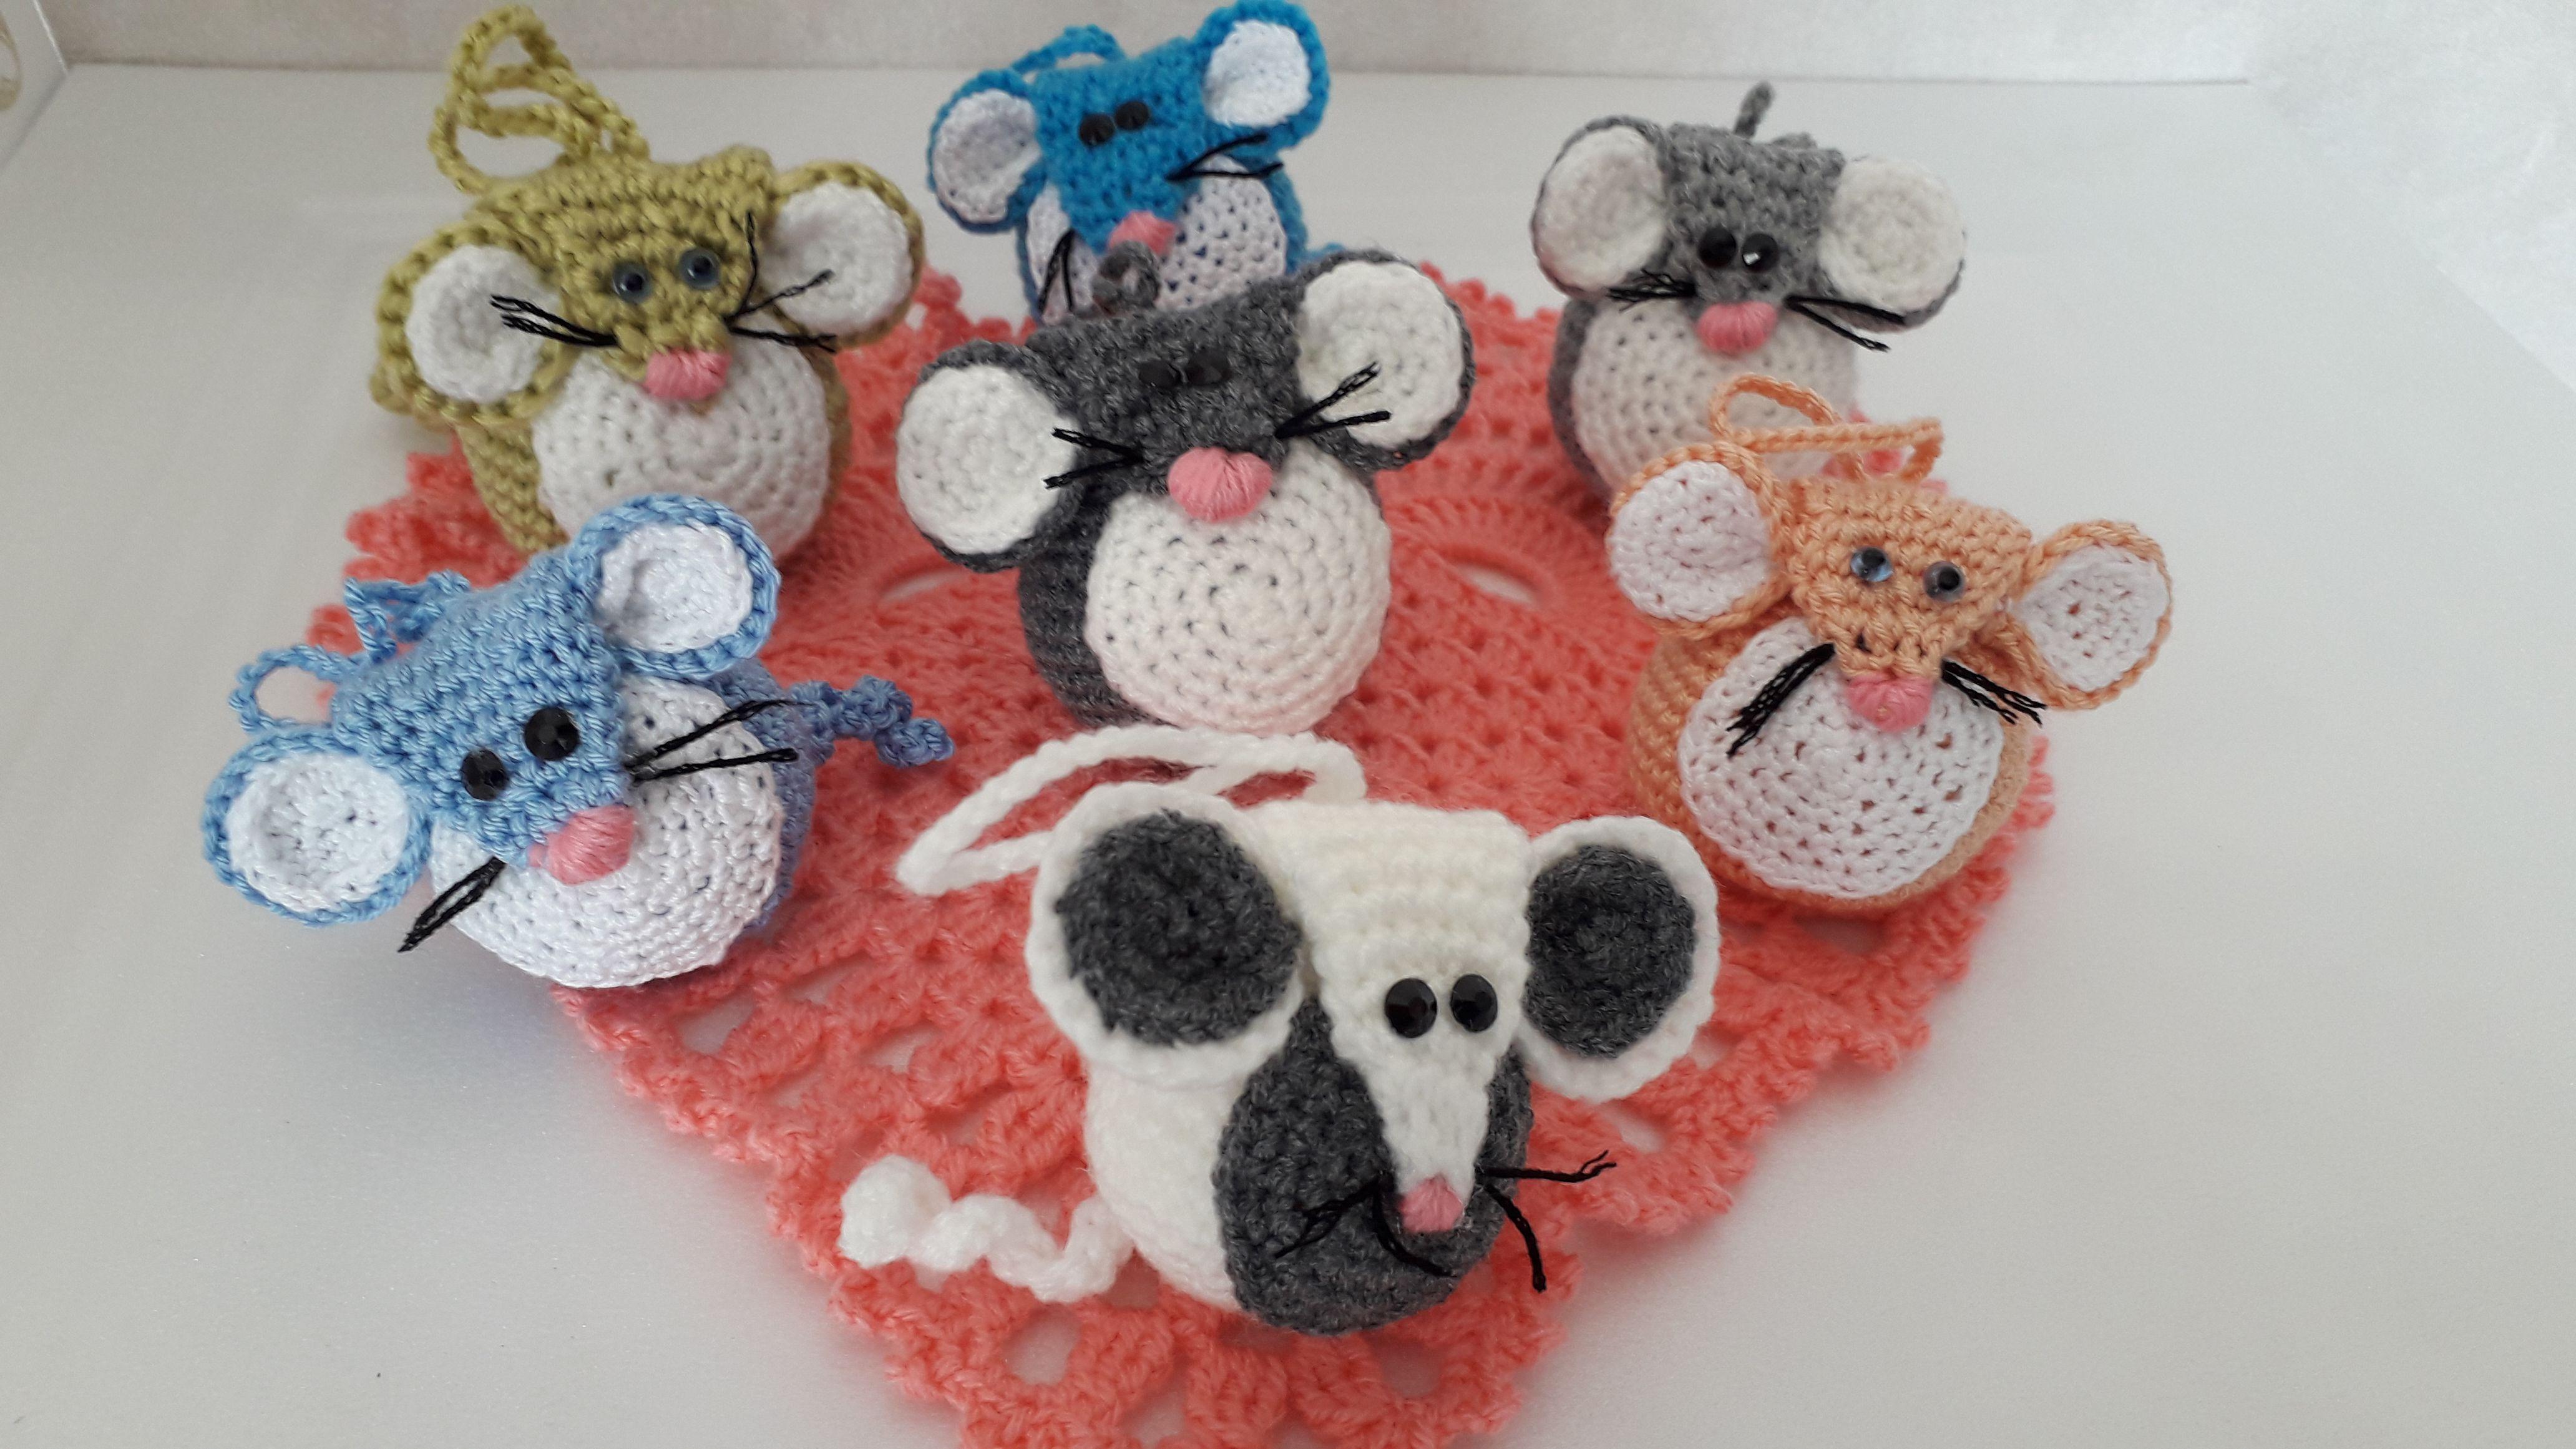 мышки символ2020 подарок крючок вязание новыйгод рождество игрушканаёлку брелок сувенир игрушка